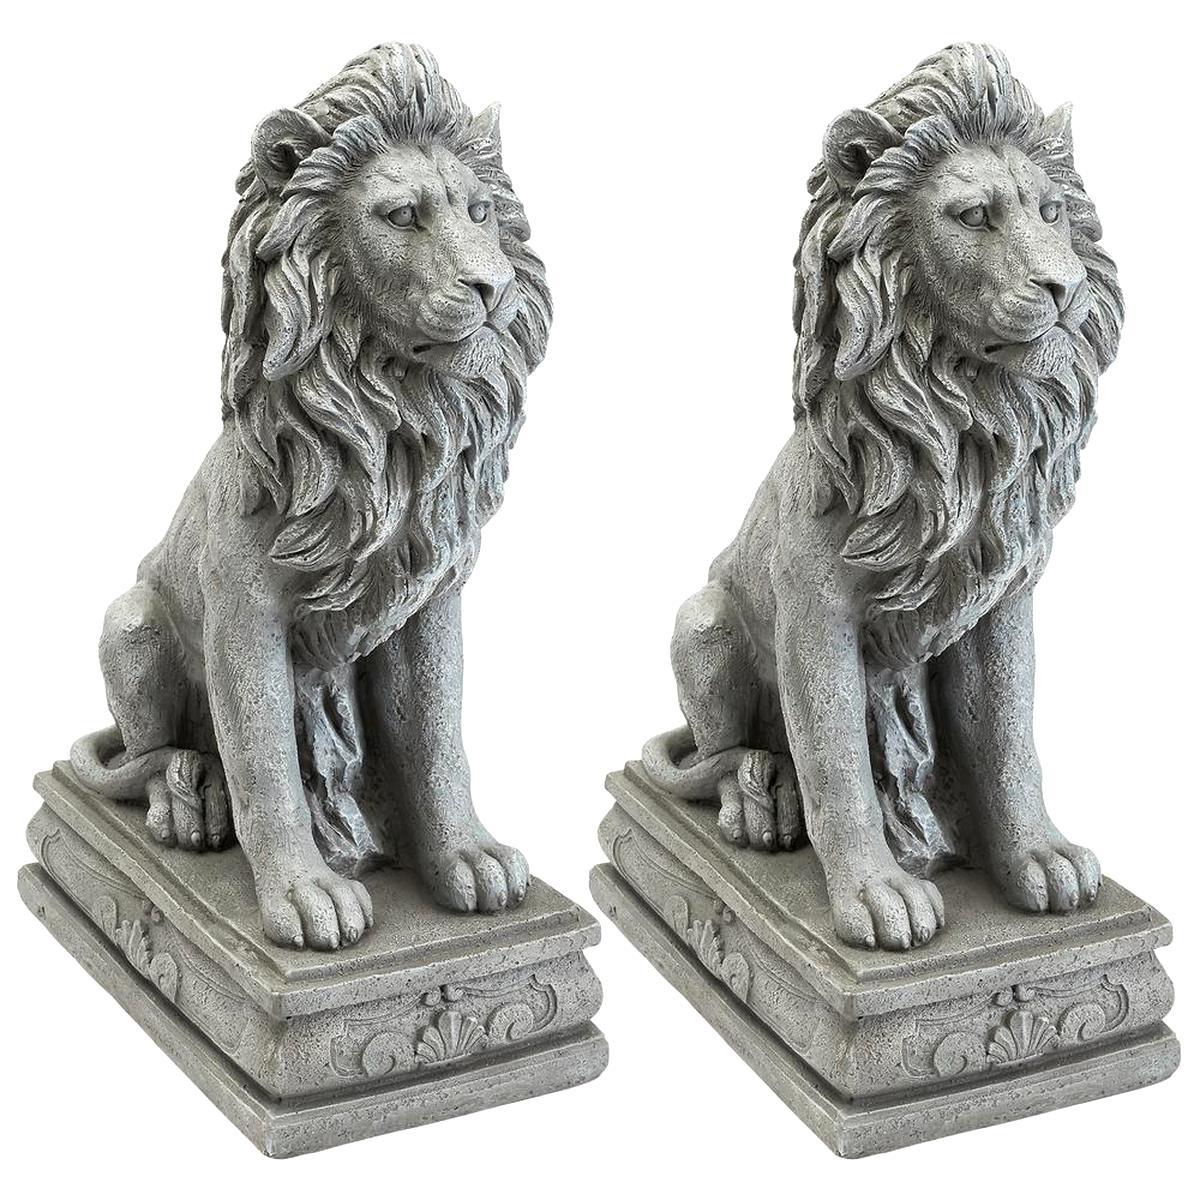 Lion Statue D'occasion | Plus Que 3 À -75% avec Statues De Jardin Occasion